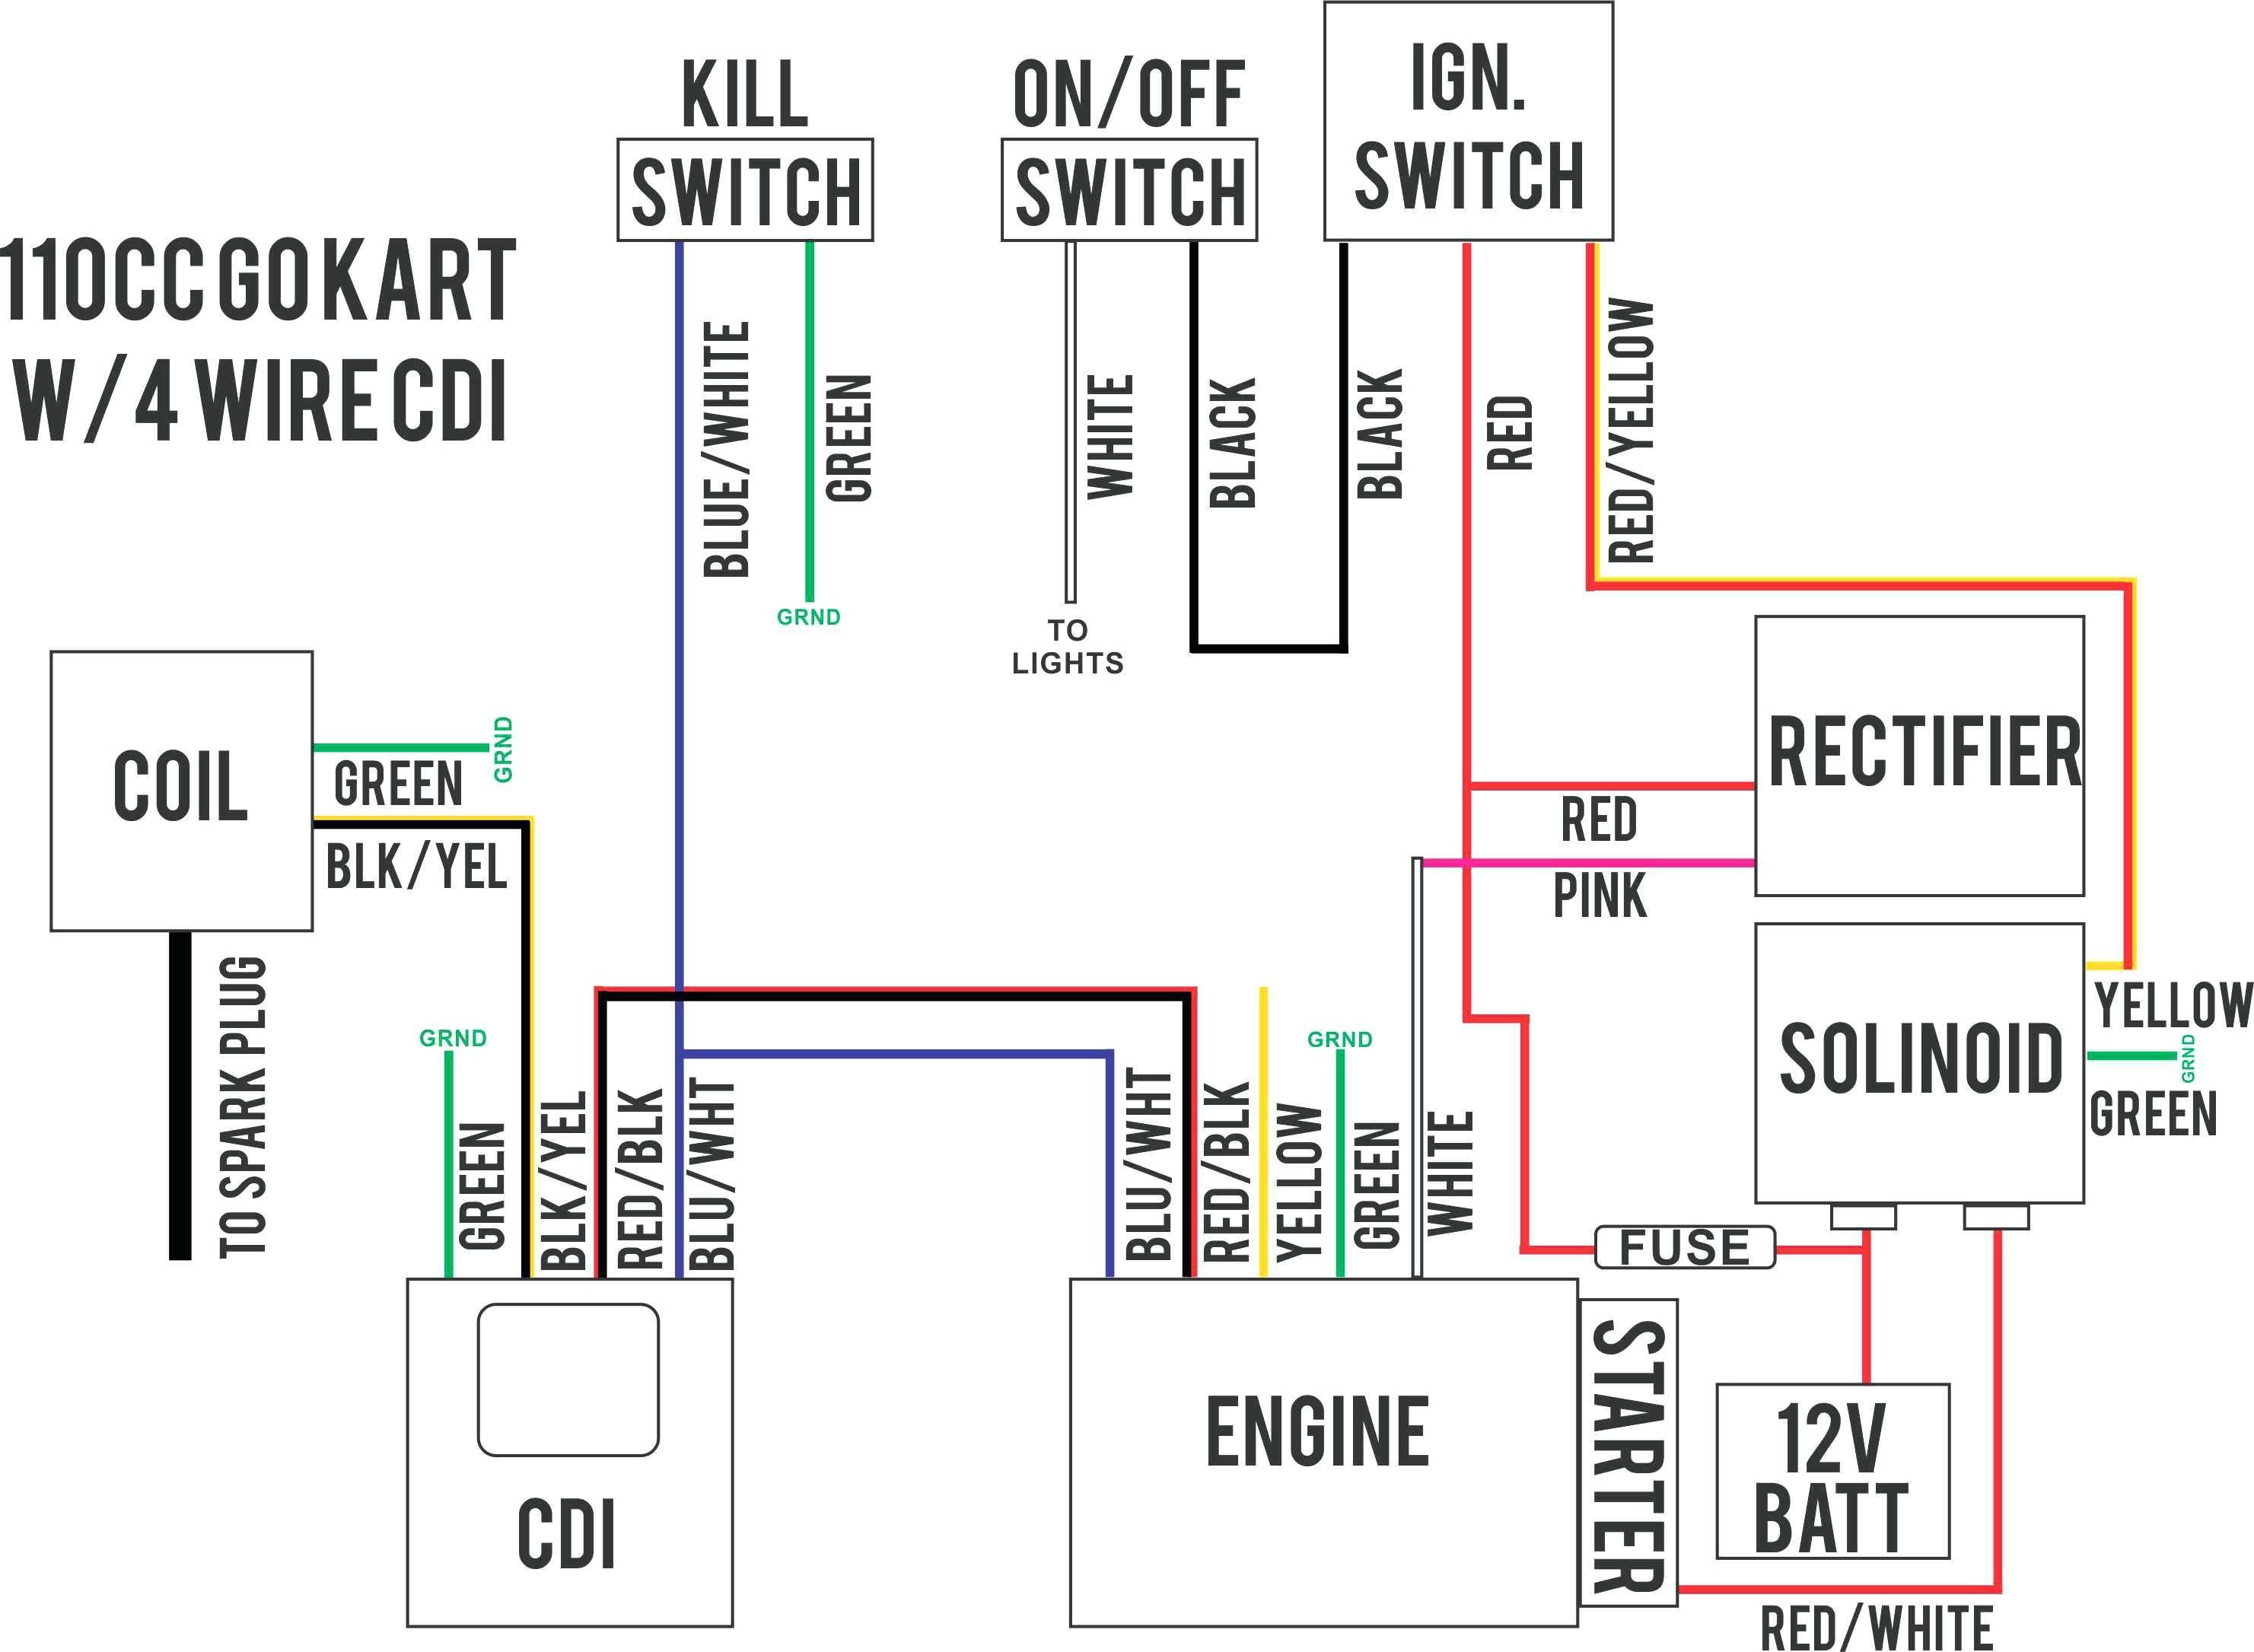 Wiring Diagram For Toad Alarm Fresh Gro z gig Autopage Schaltplan Galerie Elektrische